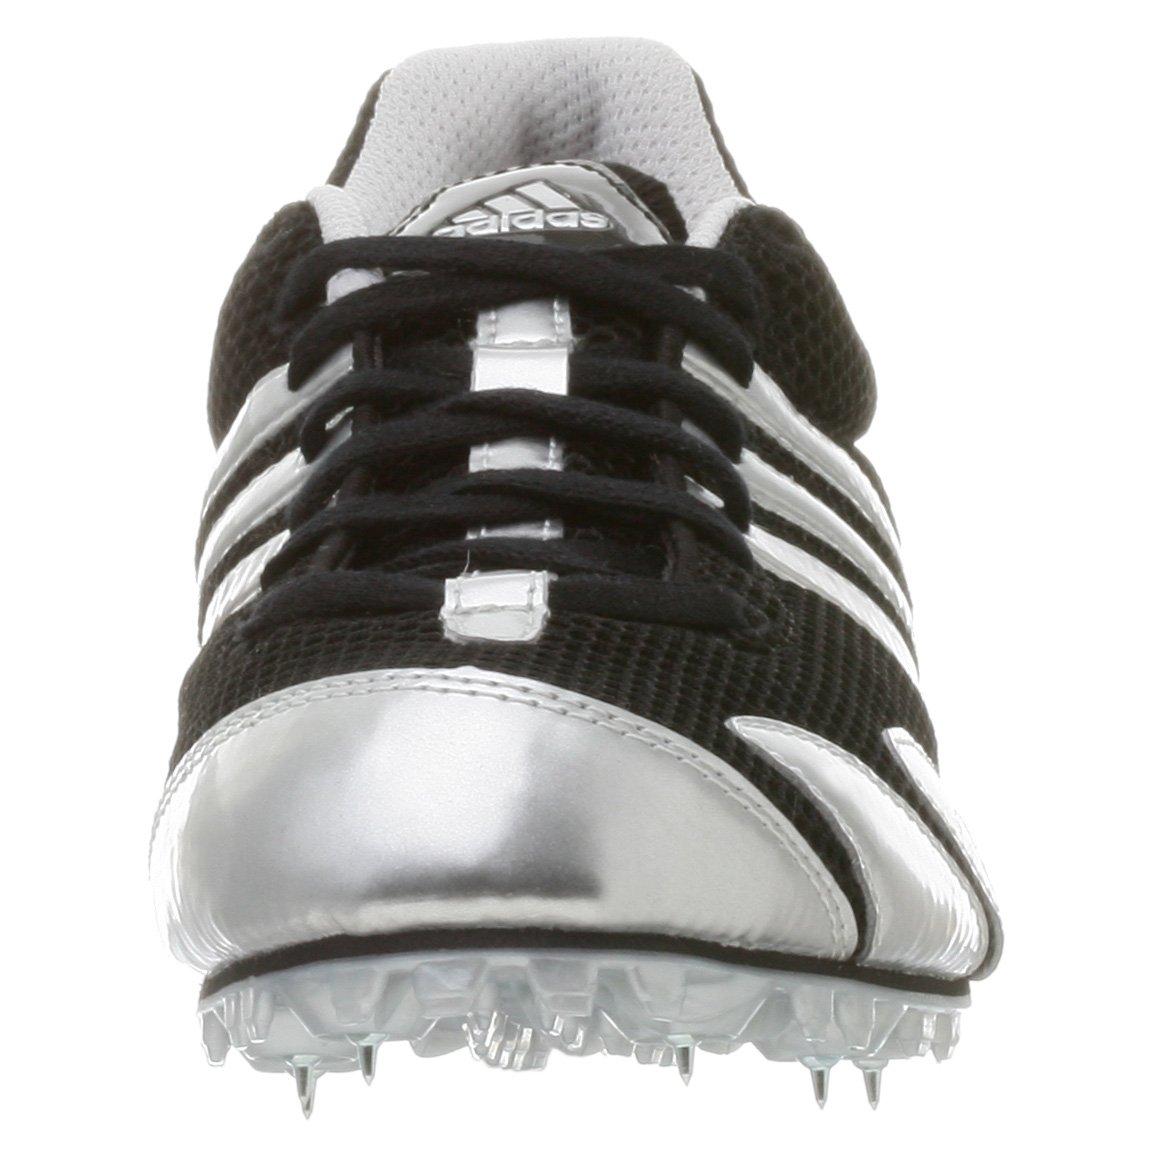 adidas Men's Cosmos 07 Track Shoe,Black/Metsilver/Blk,7.5 M by adidas (Image #5)